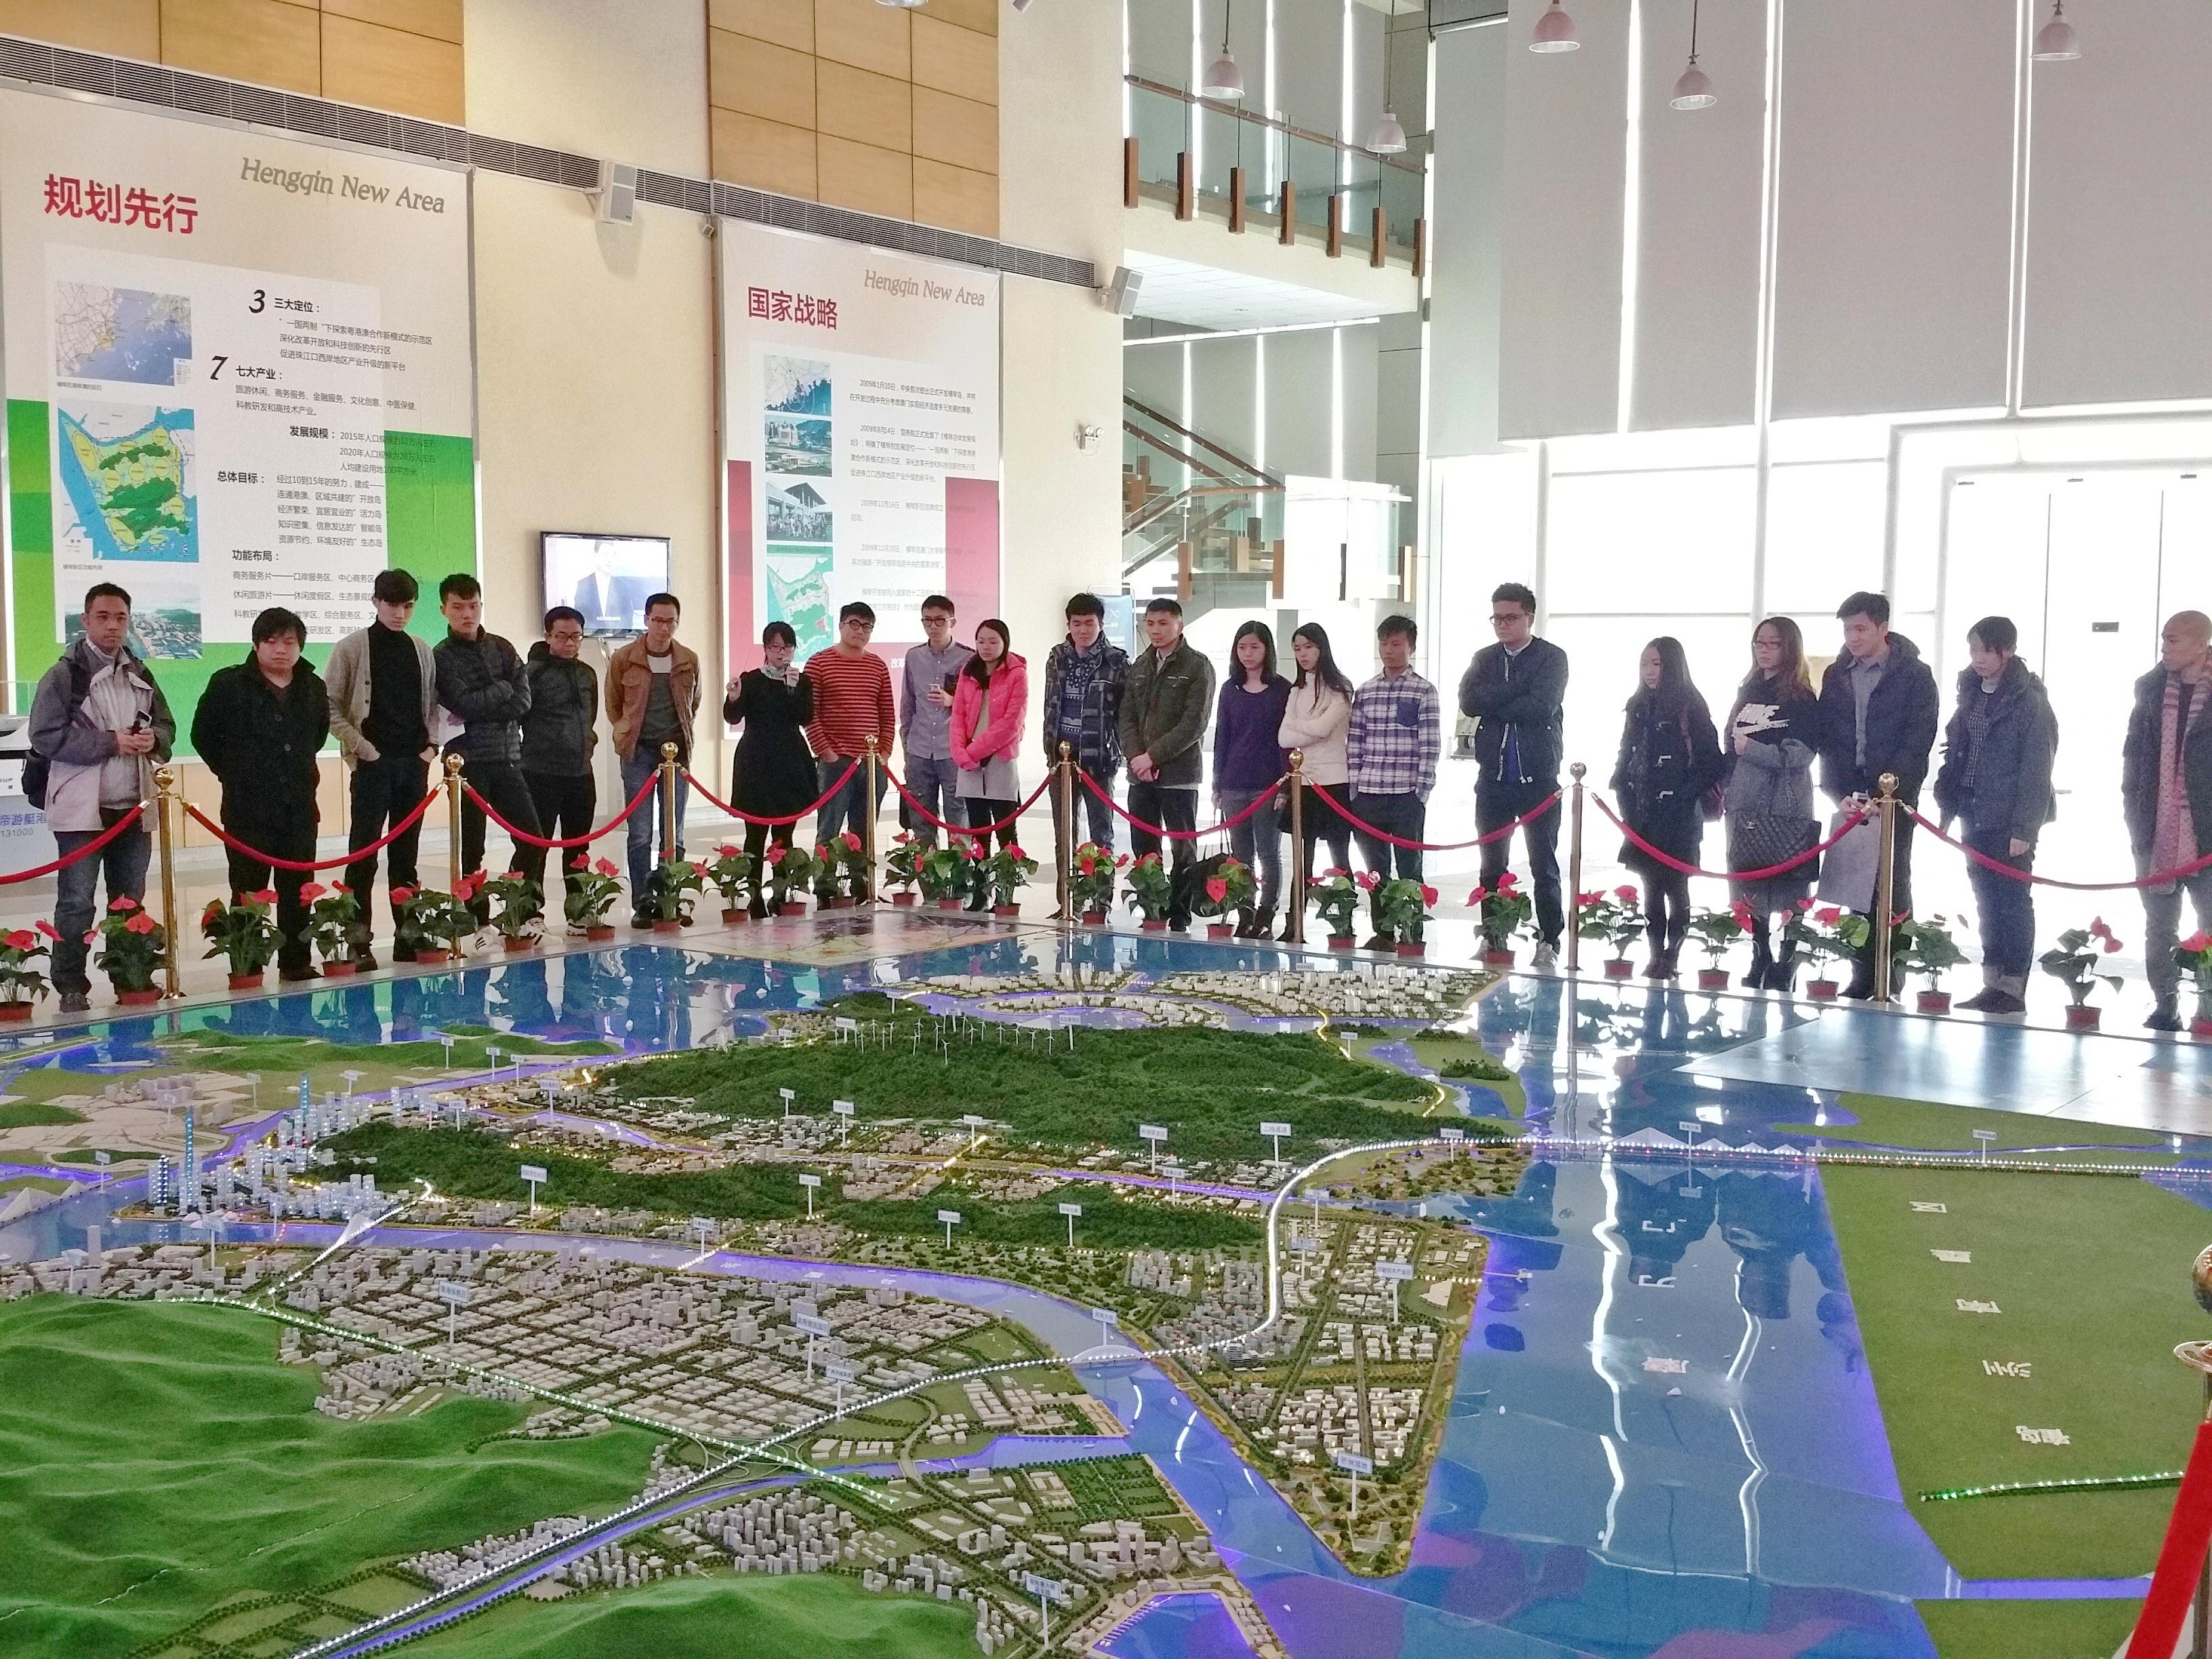 A09-2015年工聯青委組織本澳青年參觀橫琴新區規劃建設展示廳